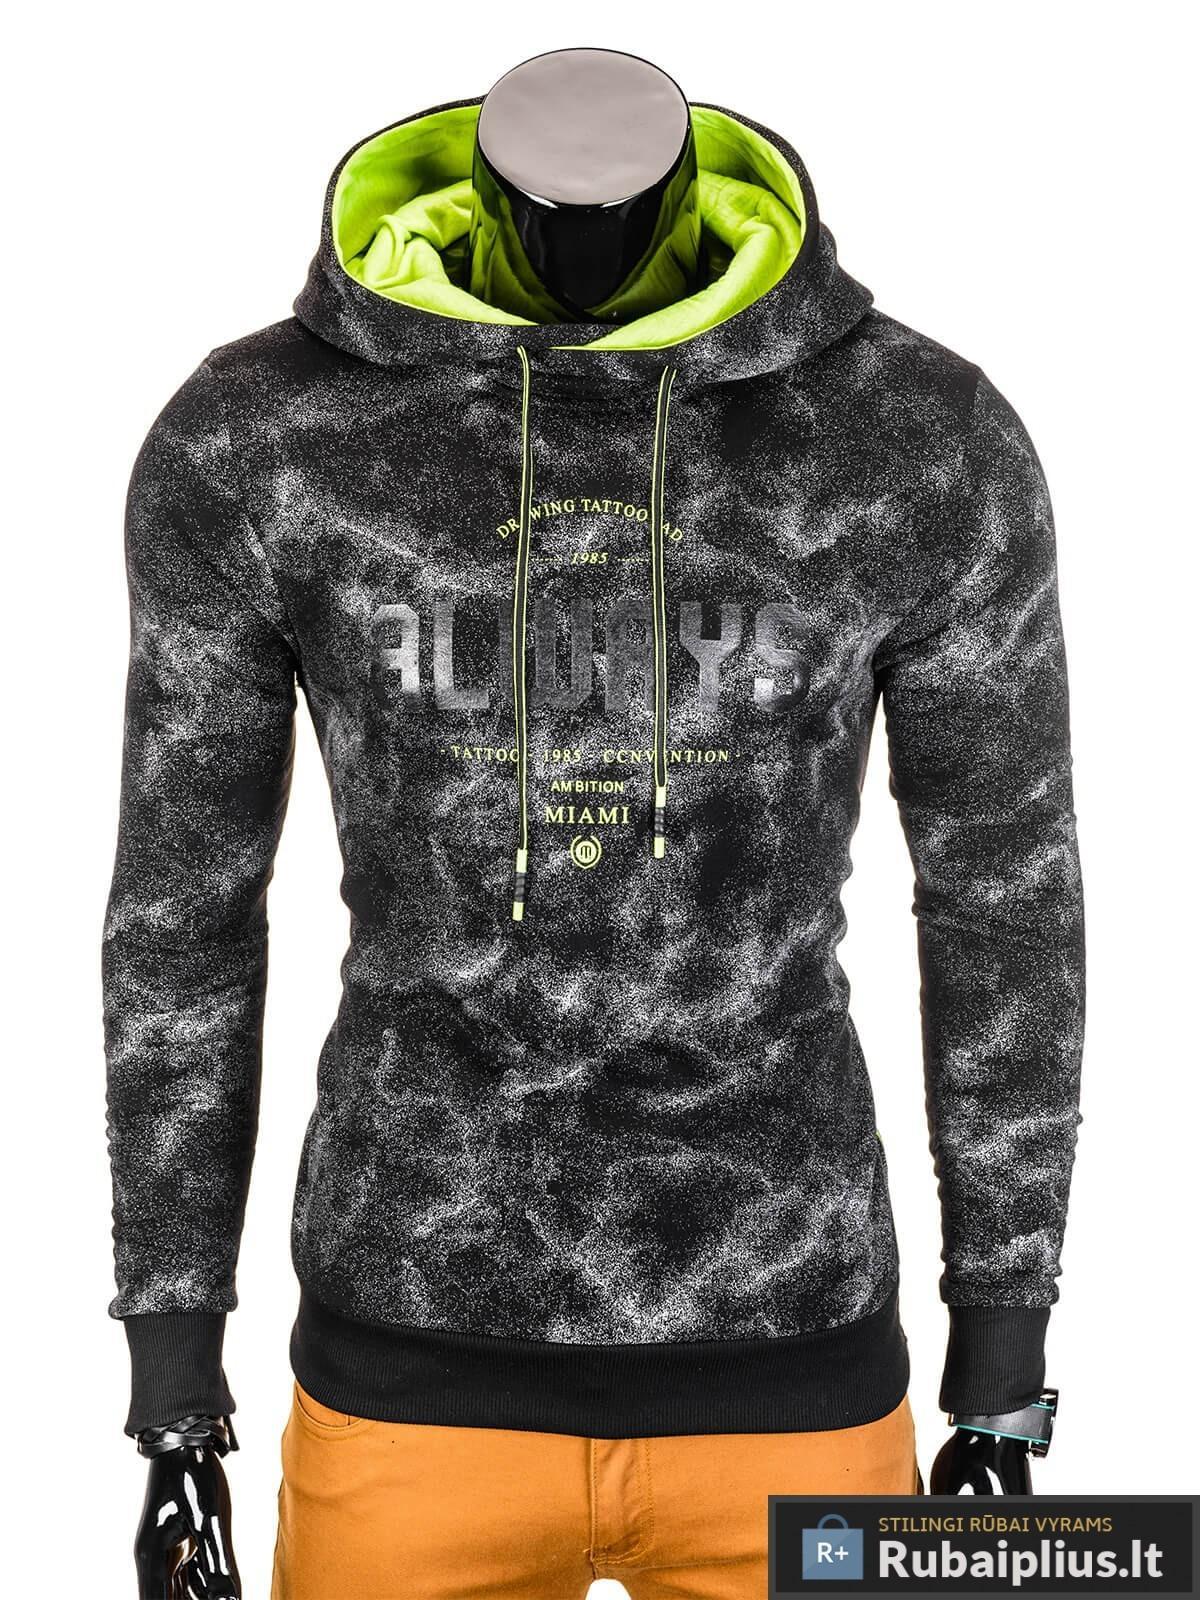 juodas džemperis vyrams, juodos spalvos vyriškas džemperis internetu, džemperis vyrams, patogus vyriškas džemperis, džemperis užsegamas užtrauktuku su kišenėmis, džemperis mėgstantiems aktyvų gyvenimo būdą, džemperis laisvalaikiui, džemperis užsegamas užtrauktuku, originalūs vyriški džemperiai, vyriškas bliuzonas internetu, bliuzonas su gobtuvu, bliuzonas su kapišonu stilingas, bliuzonas vyrams, vyriškas megztinis internetu, kokybiškas džemperis, madingi vyriški džemperiai, džemperis sportui, džemperis krepšiniui, džemperis futbolui, vyriški džemperiai už protigna kaina, akcija, nuolaidos